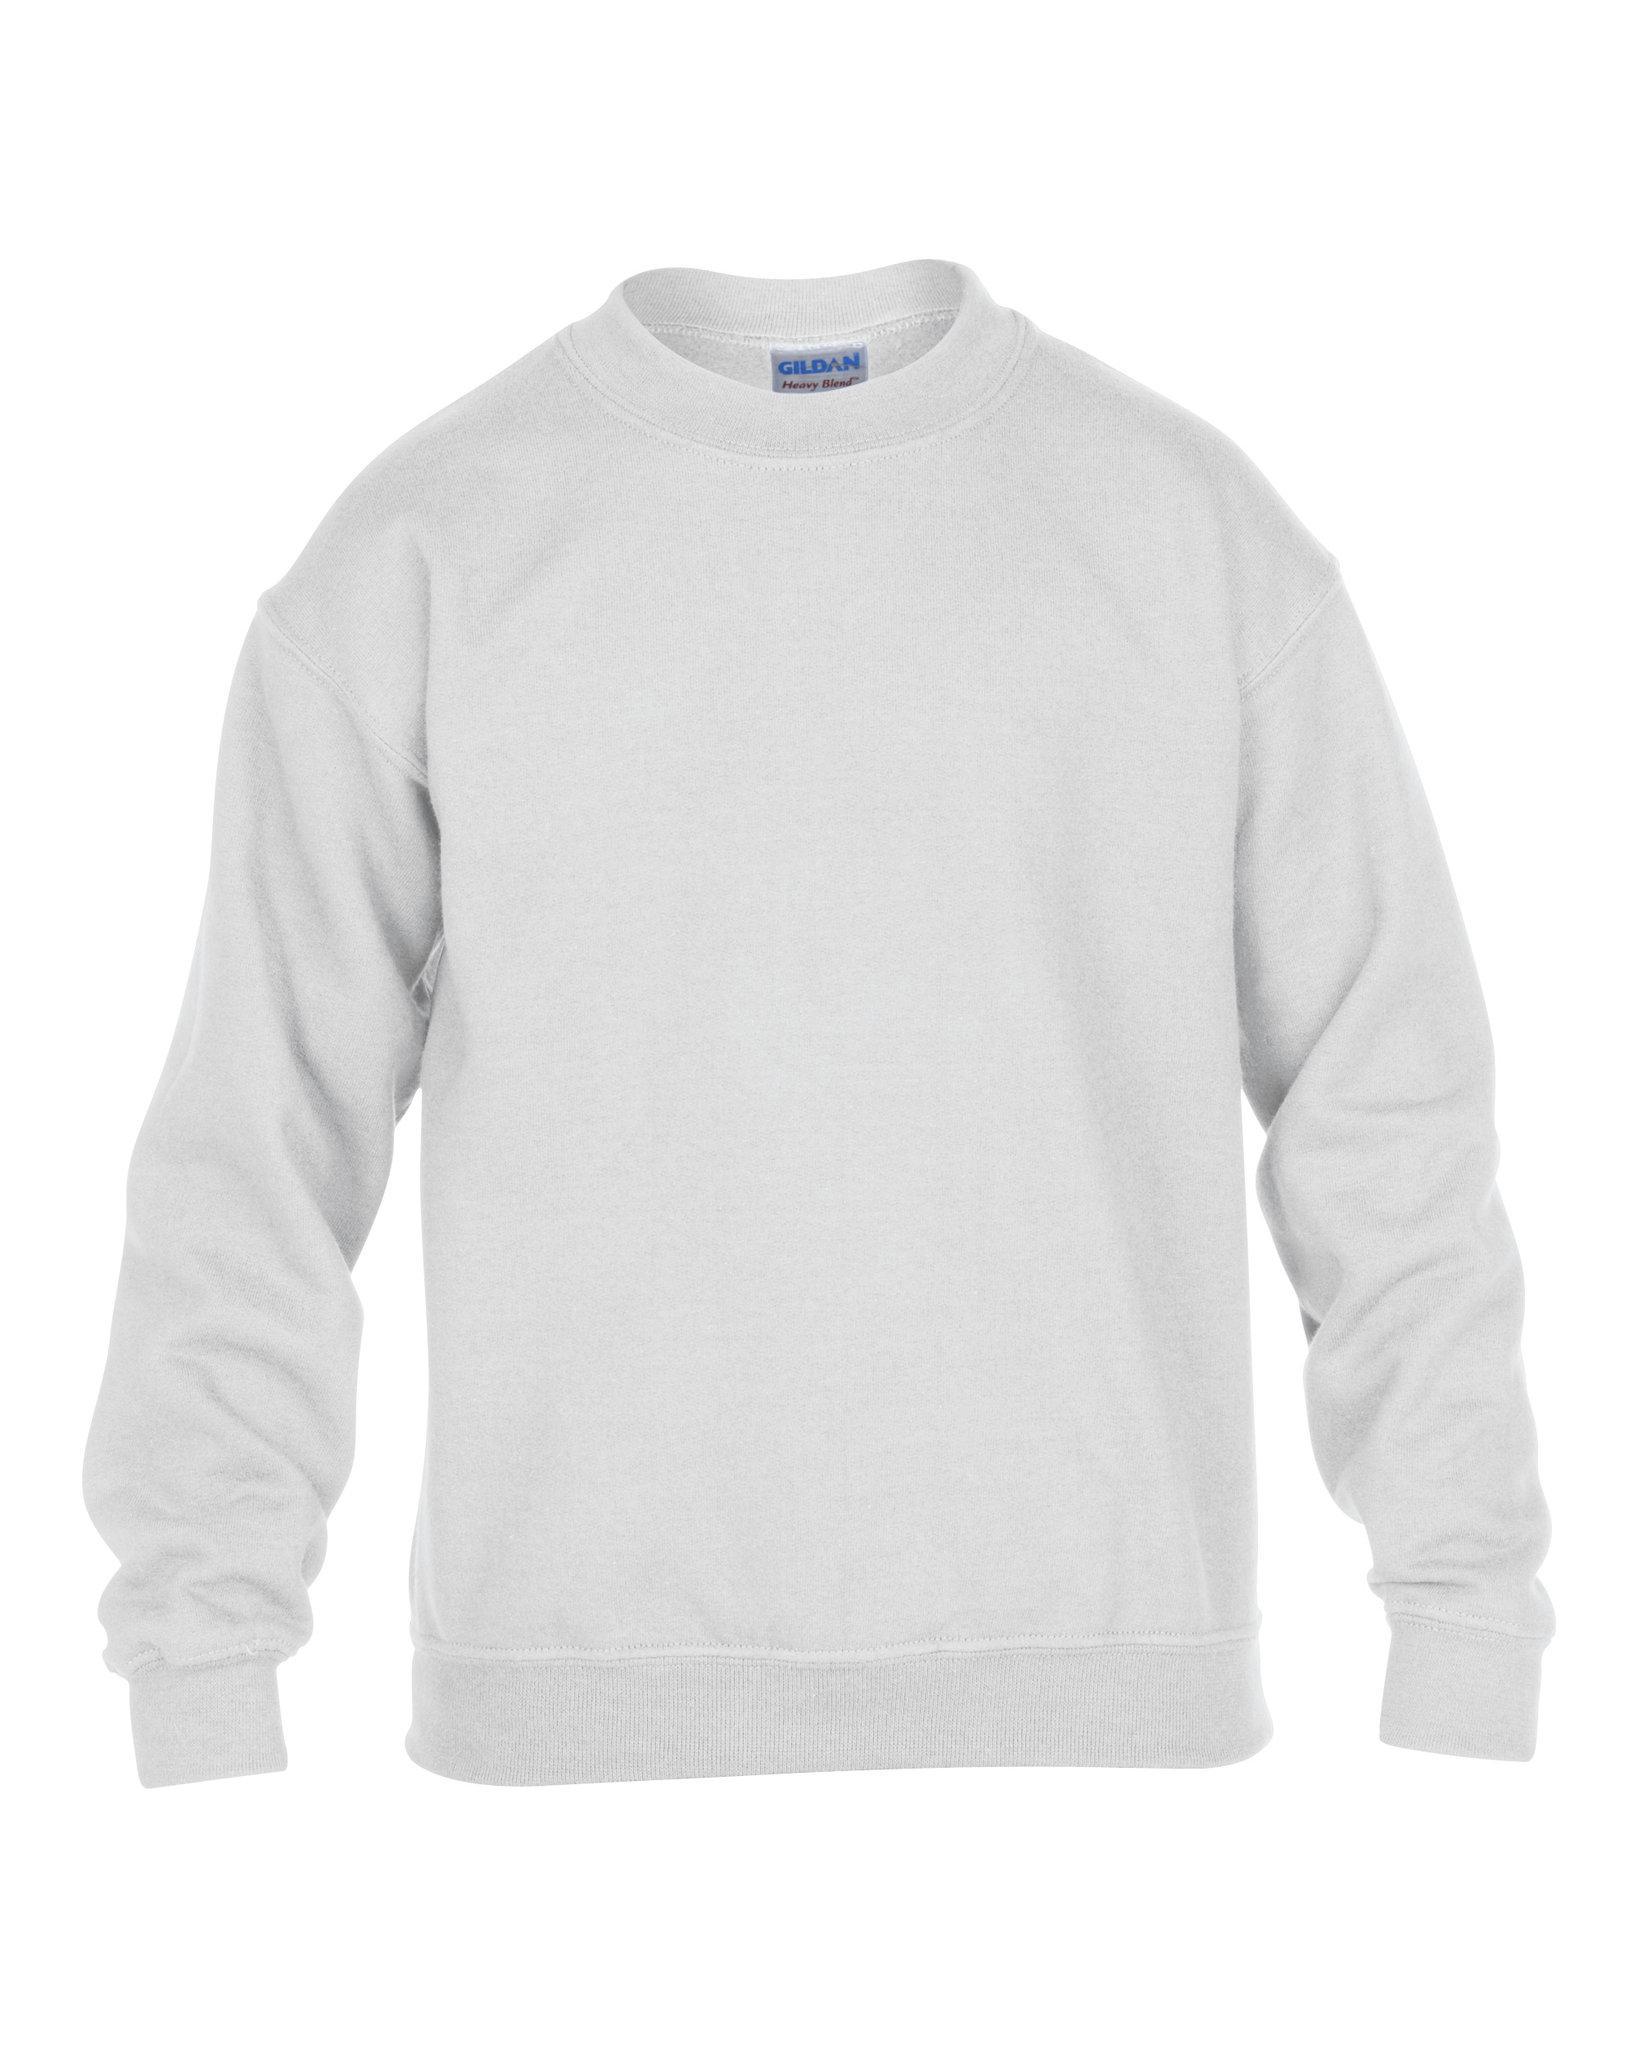 Sweatshirt promotionnel Crewneck bleu royal - sweatshirt publicitaire